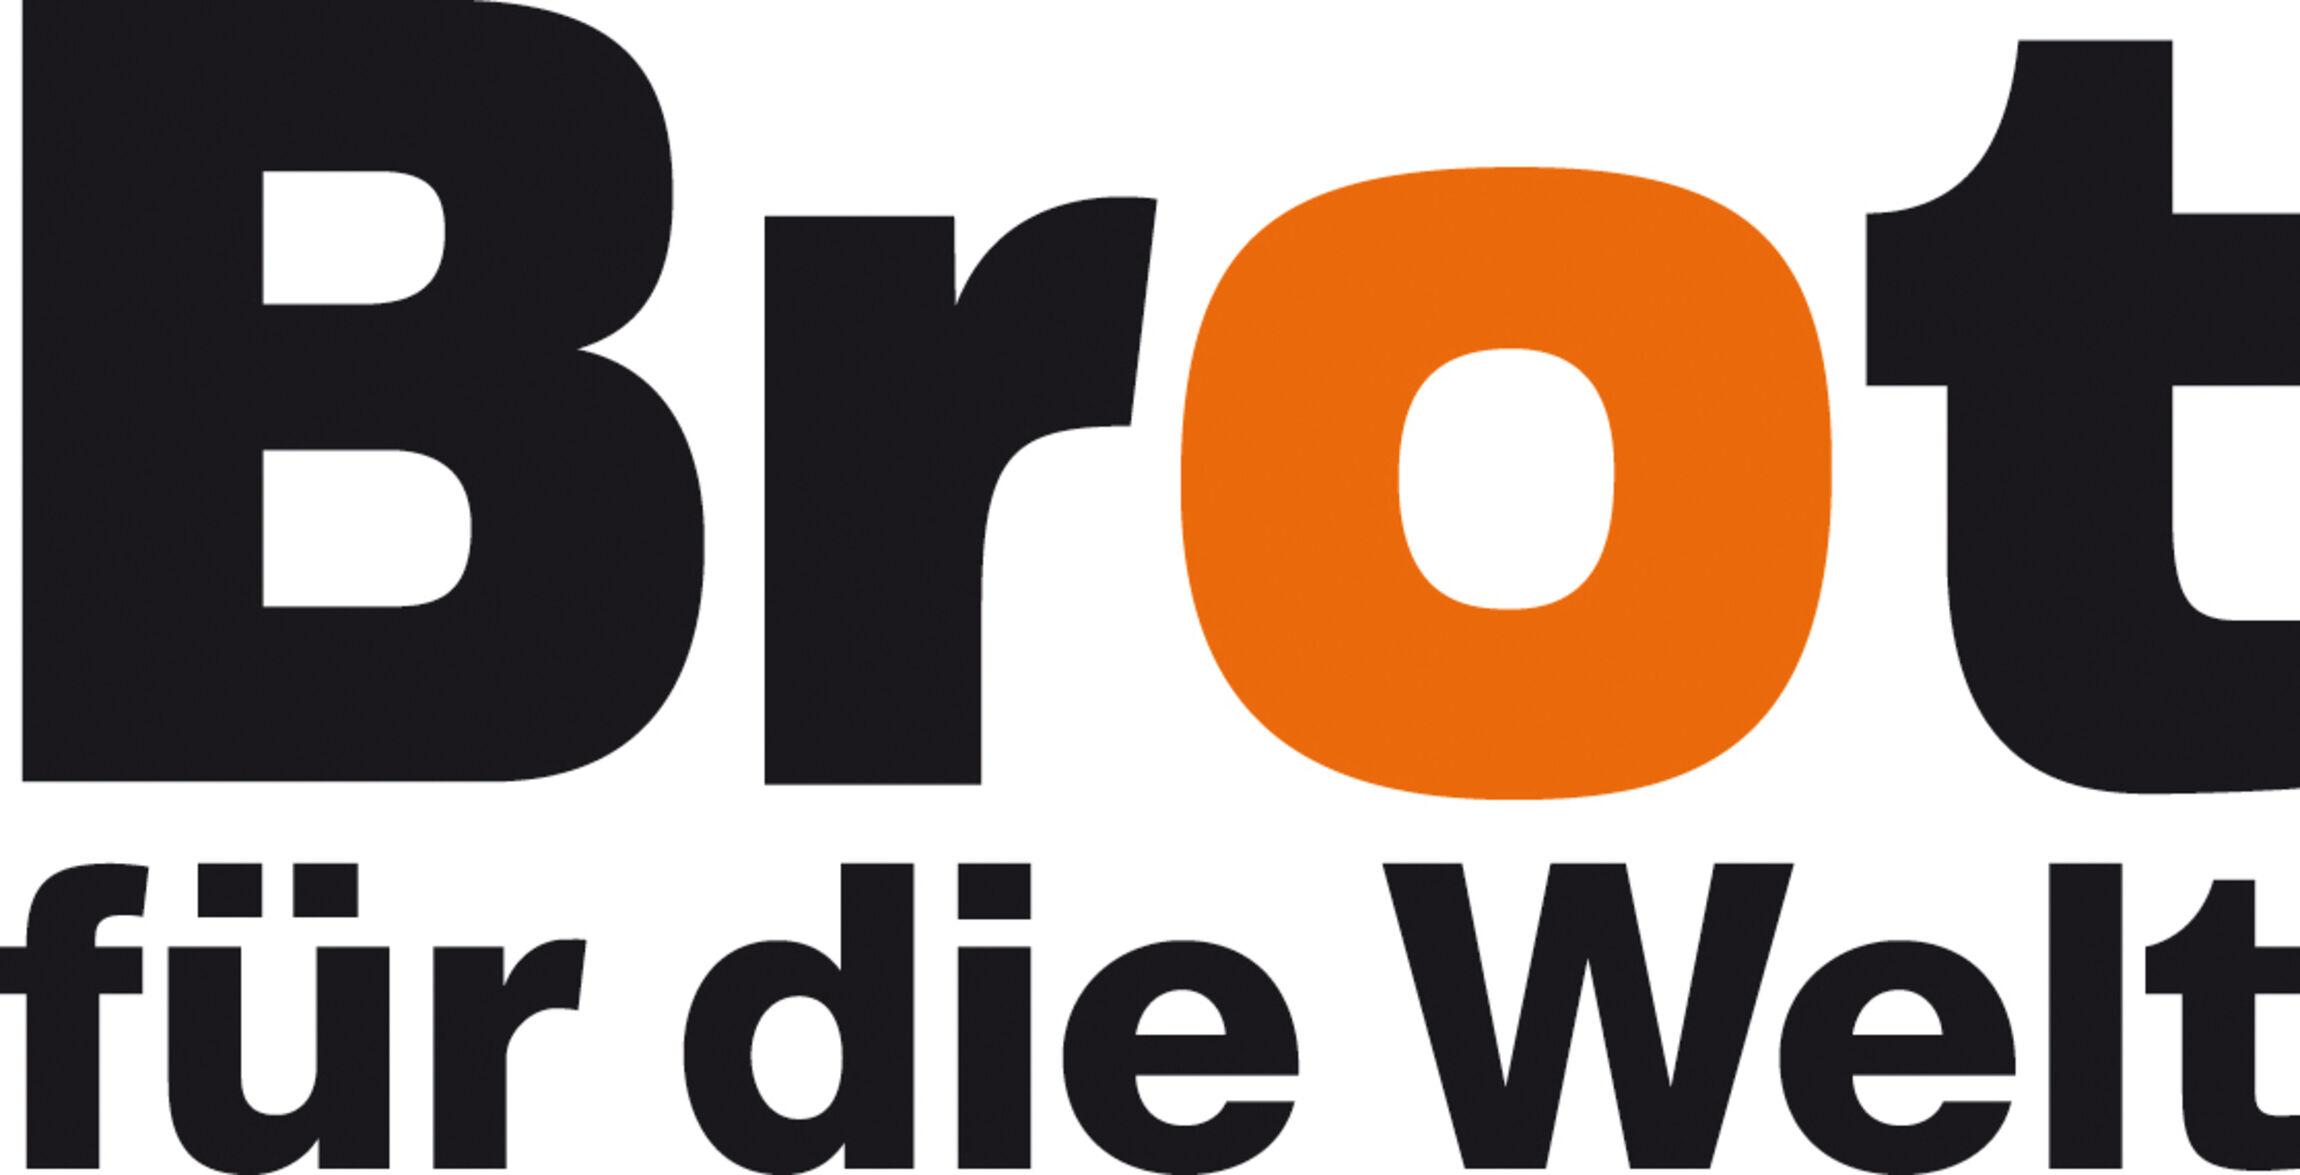 brot_fuer_die_welt_logo